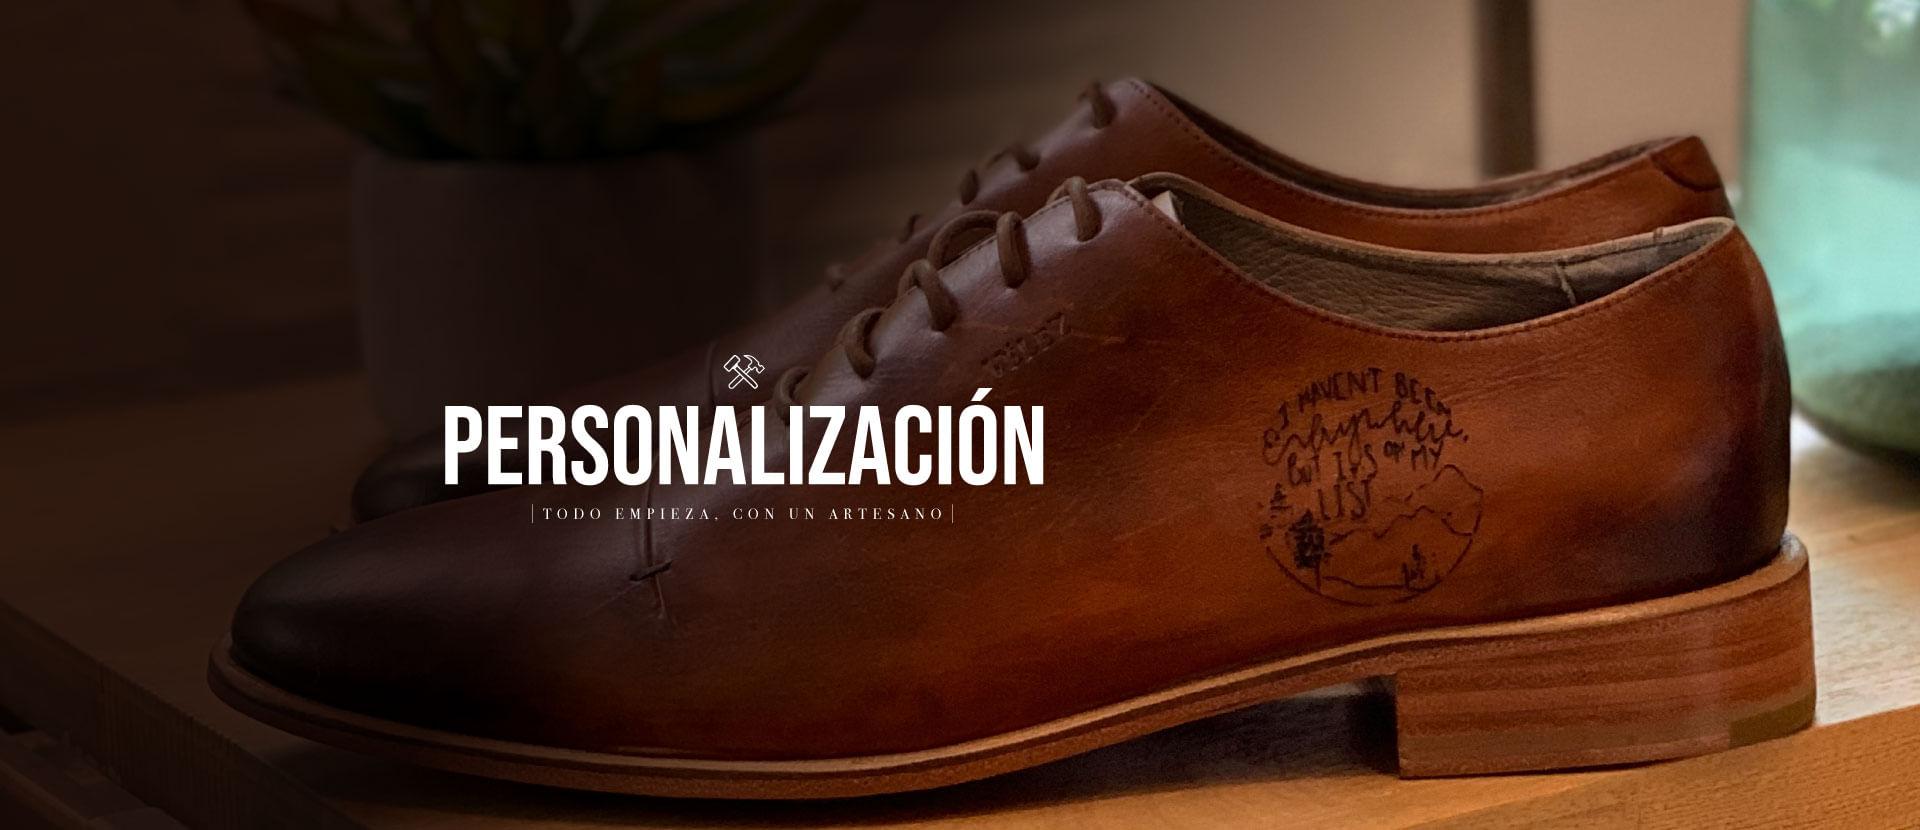 Personaliza zapatos a tu gusto aquí